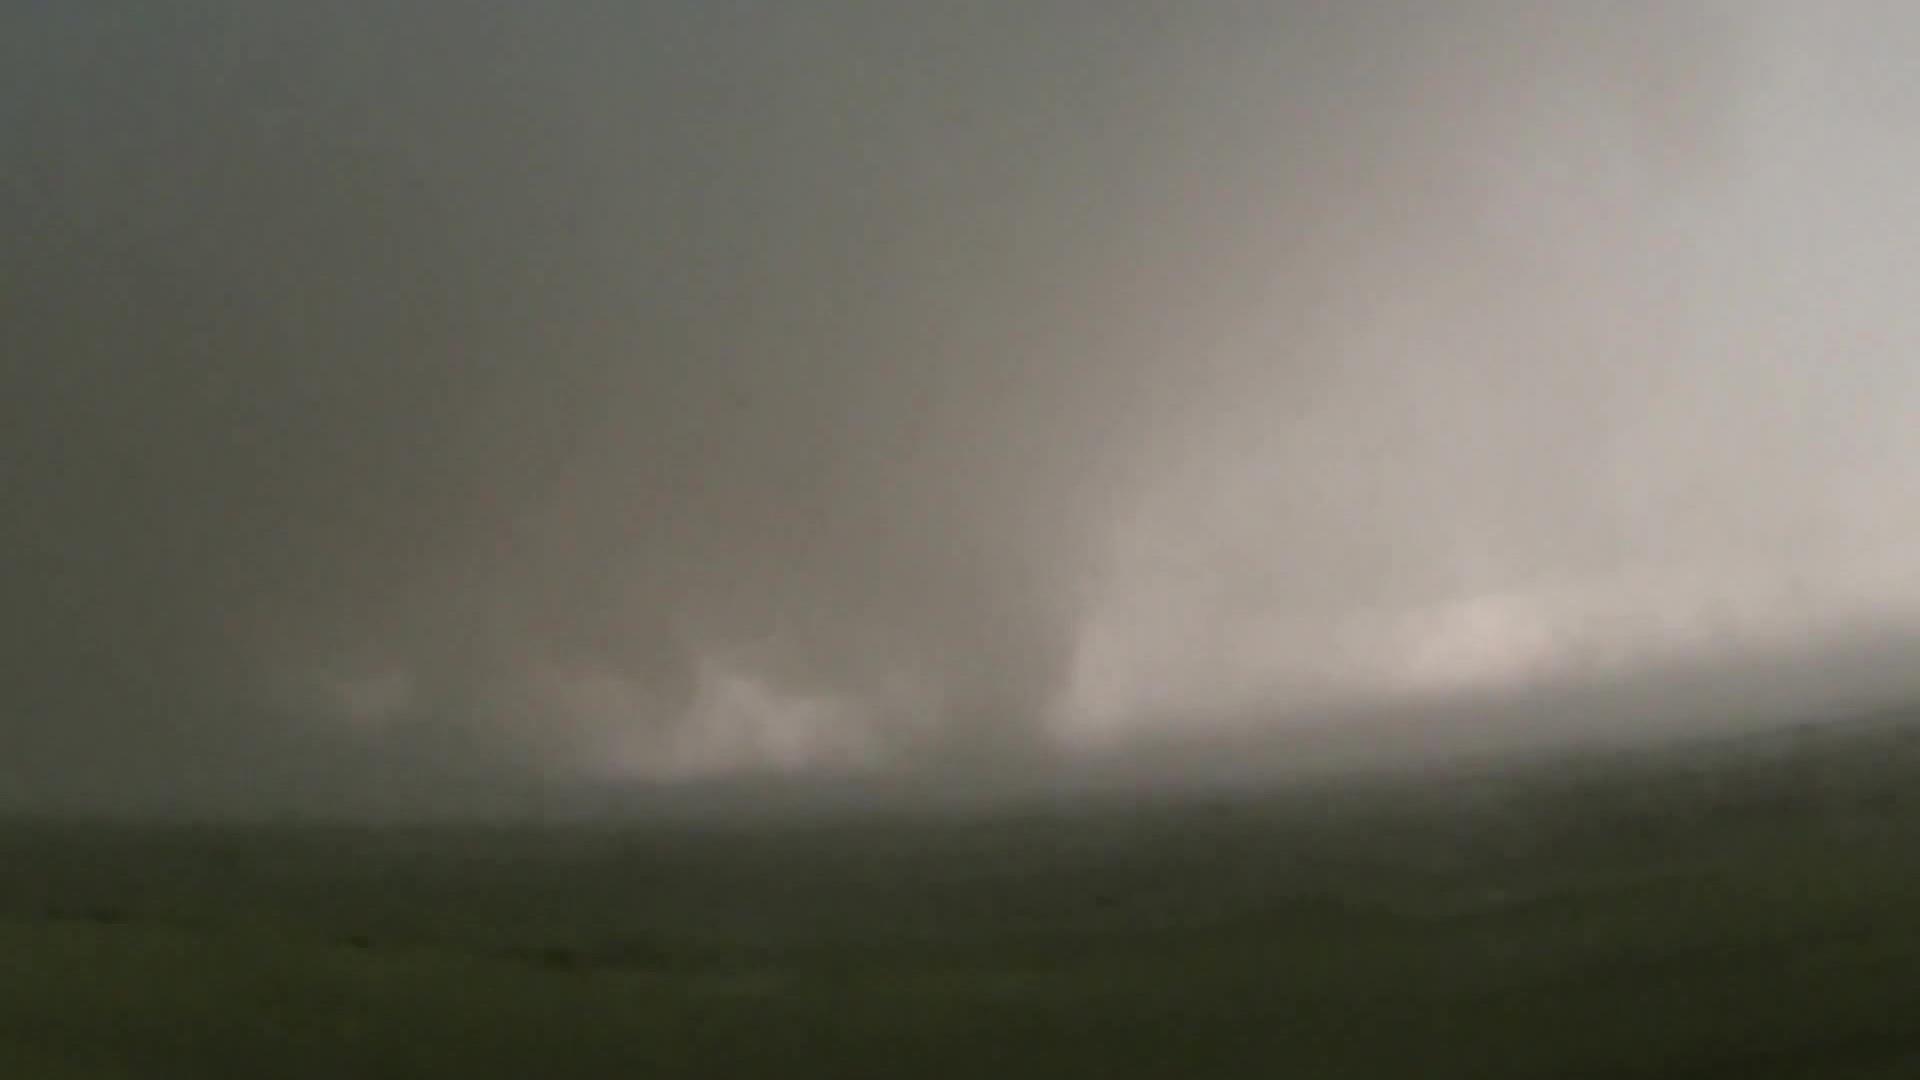 File:May 31, 2013 EF5 El Reno, OK Tornado showing multiple ...